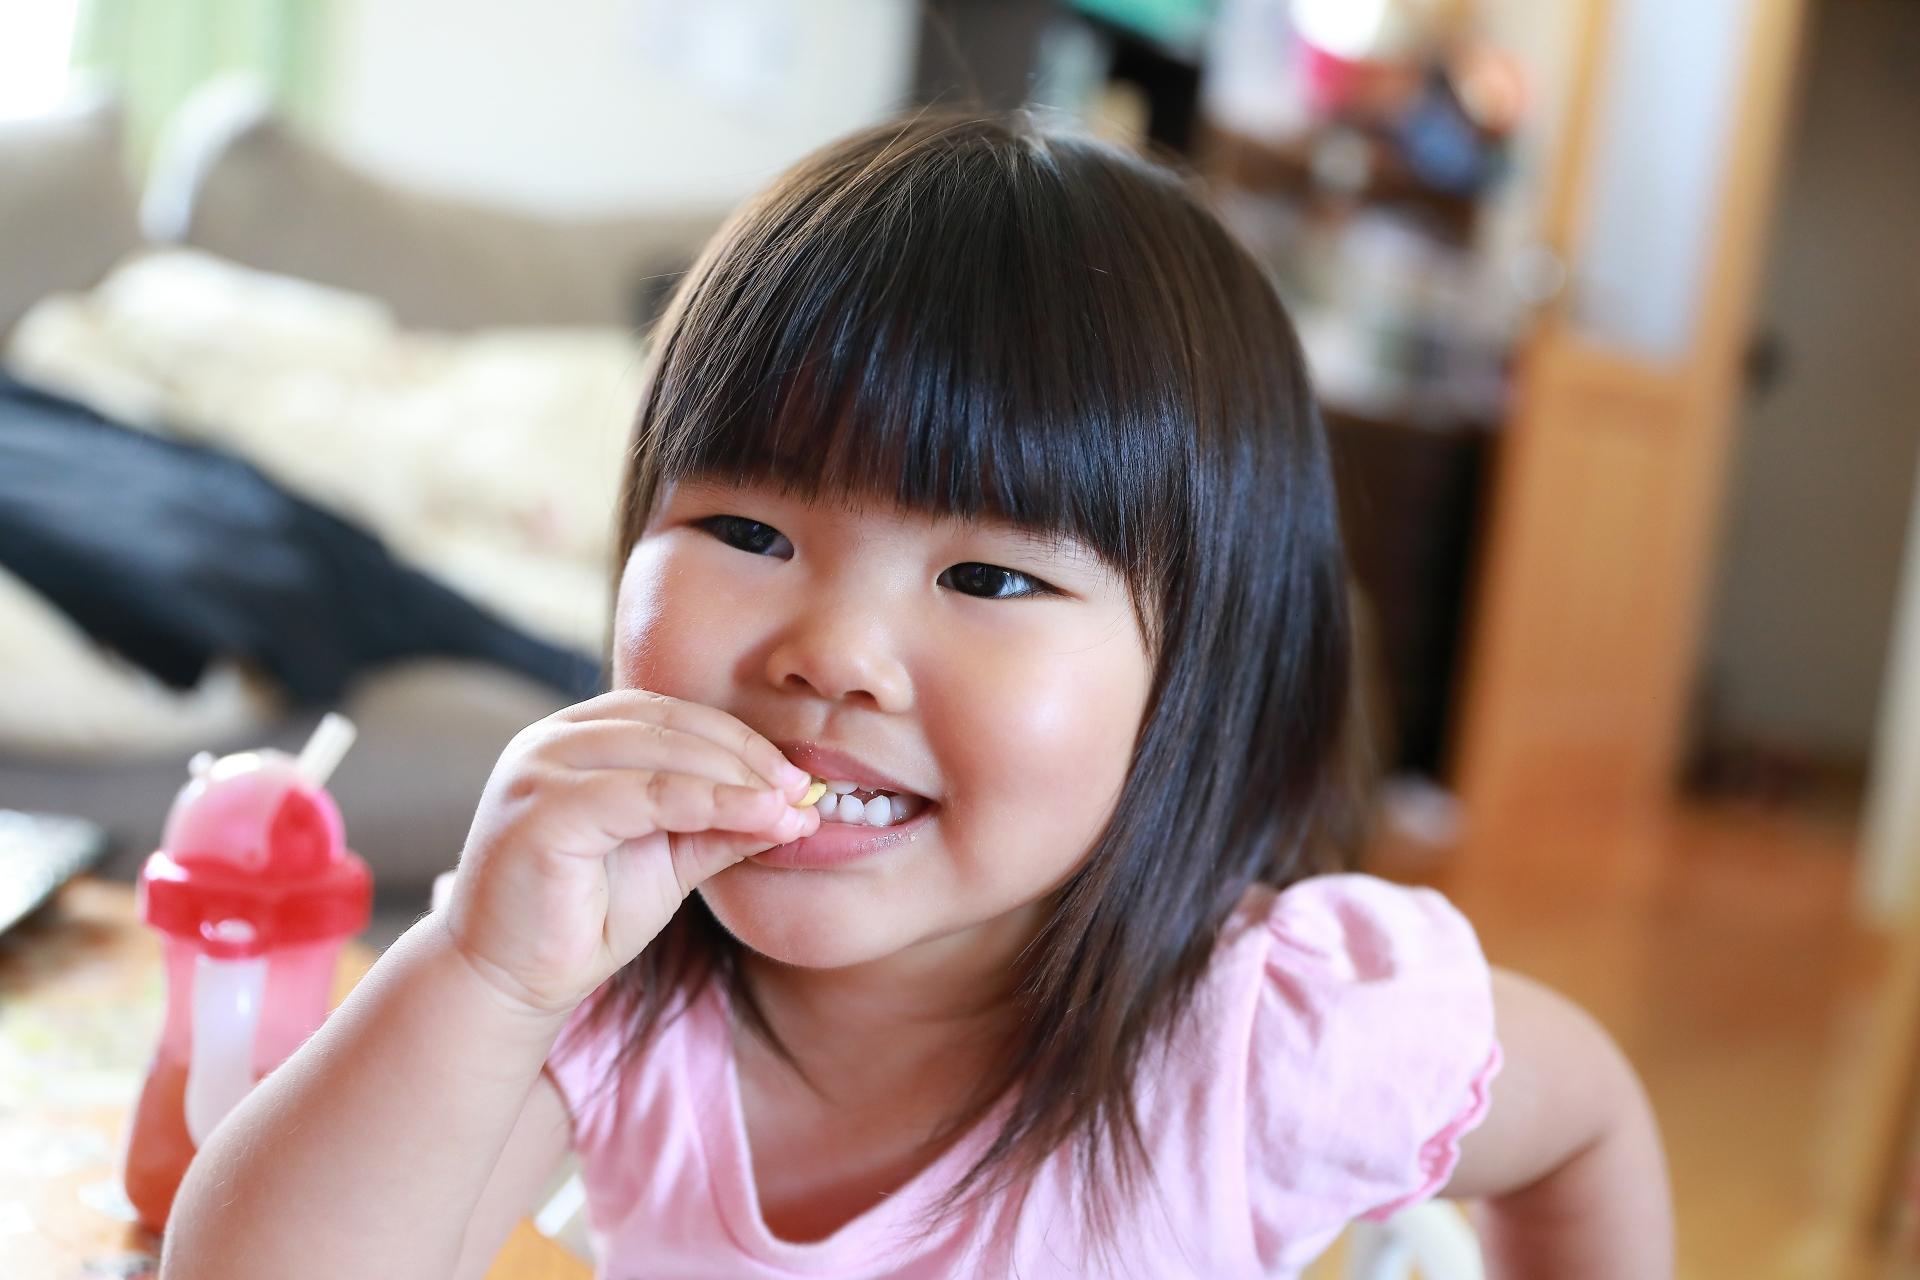 ご飯はどのくらい食べさせる?1歳~2歳の子供に必要なご飯の量